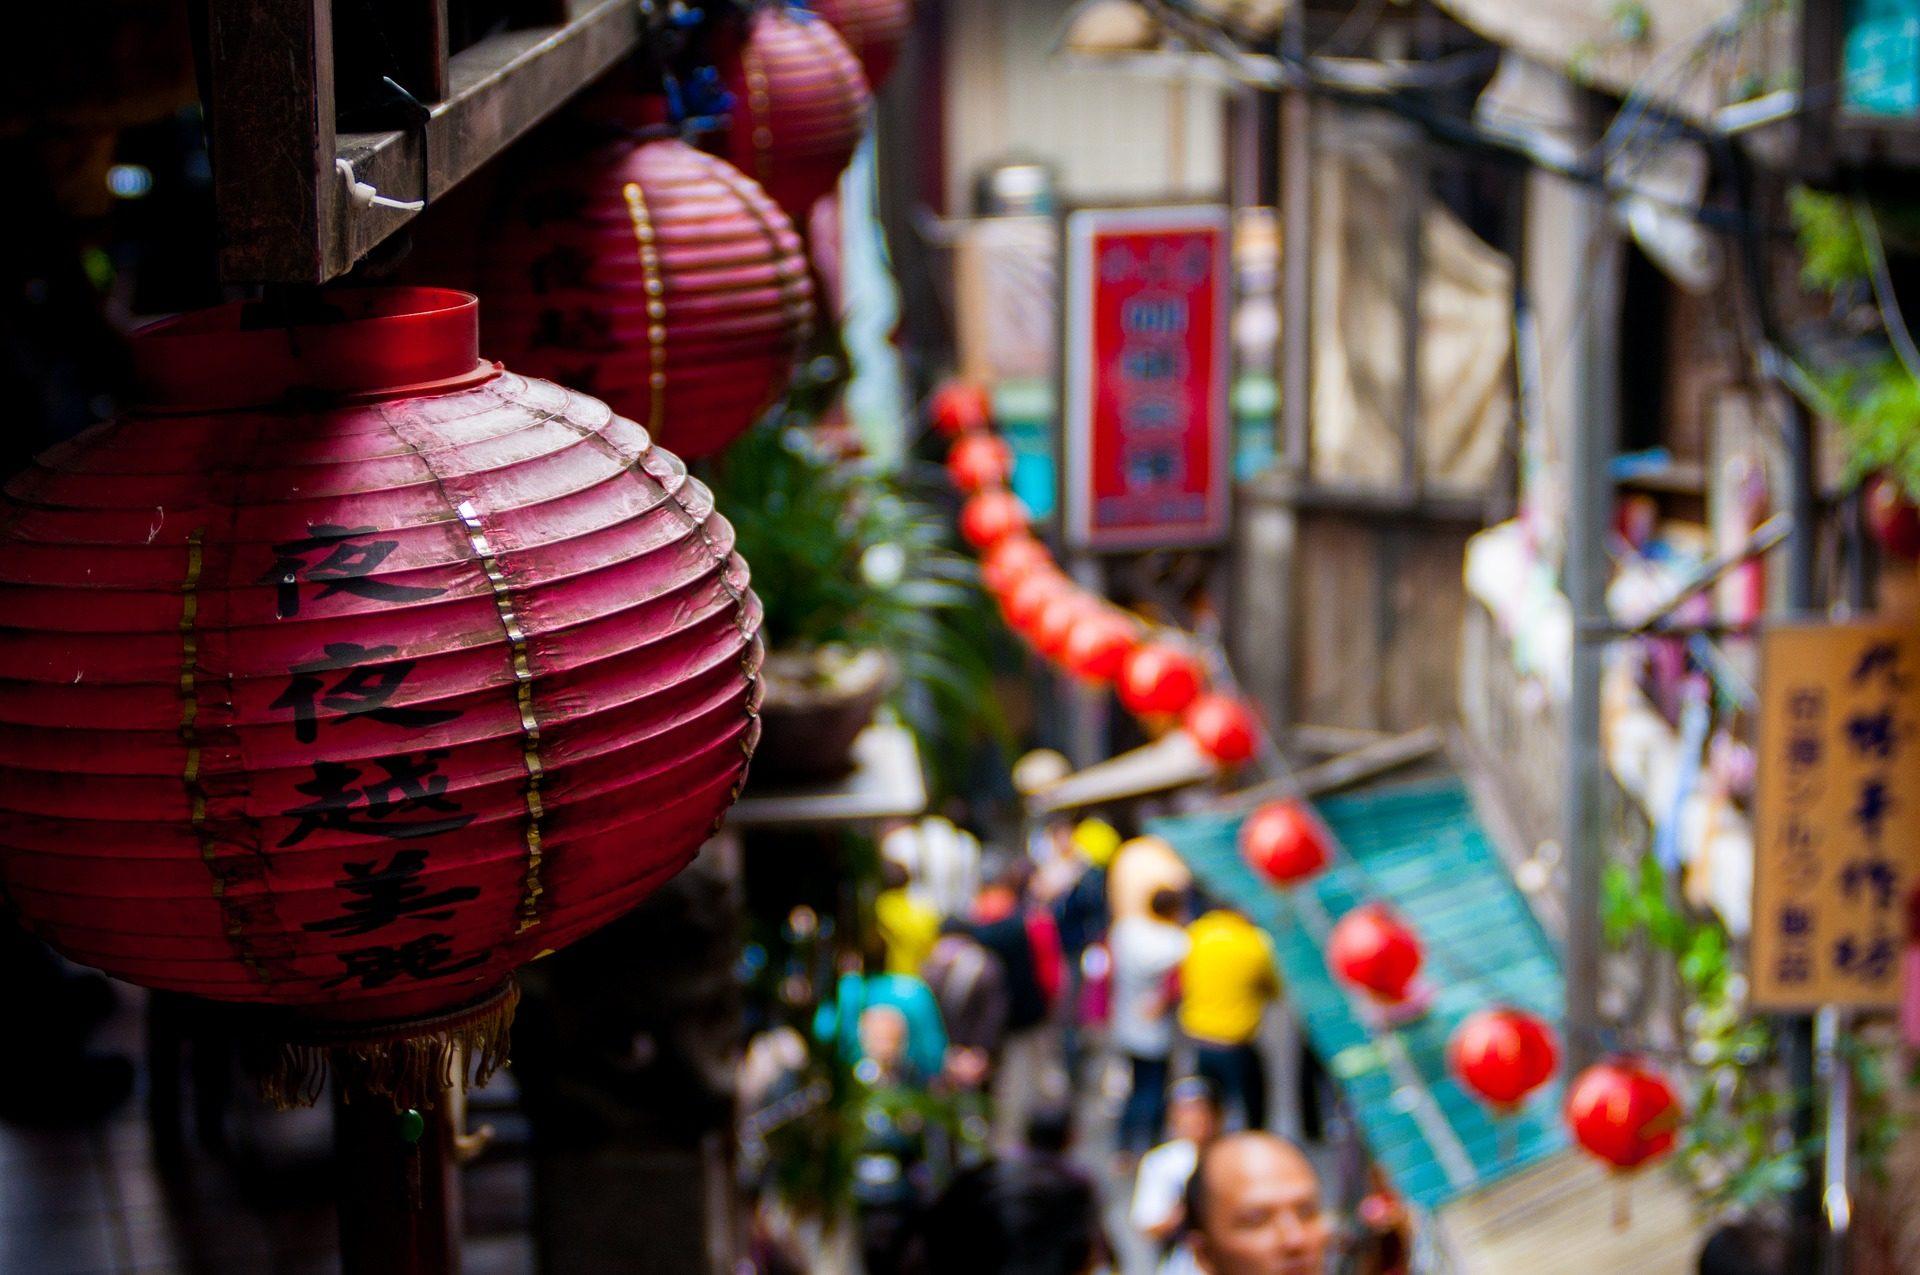 Район, люди, Празднование, Азиатские, орнамент - Обои HD - Профессор falken.com